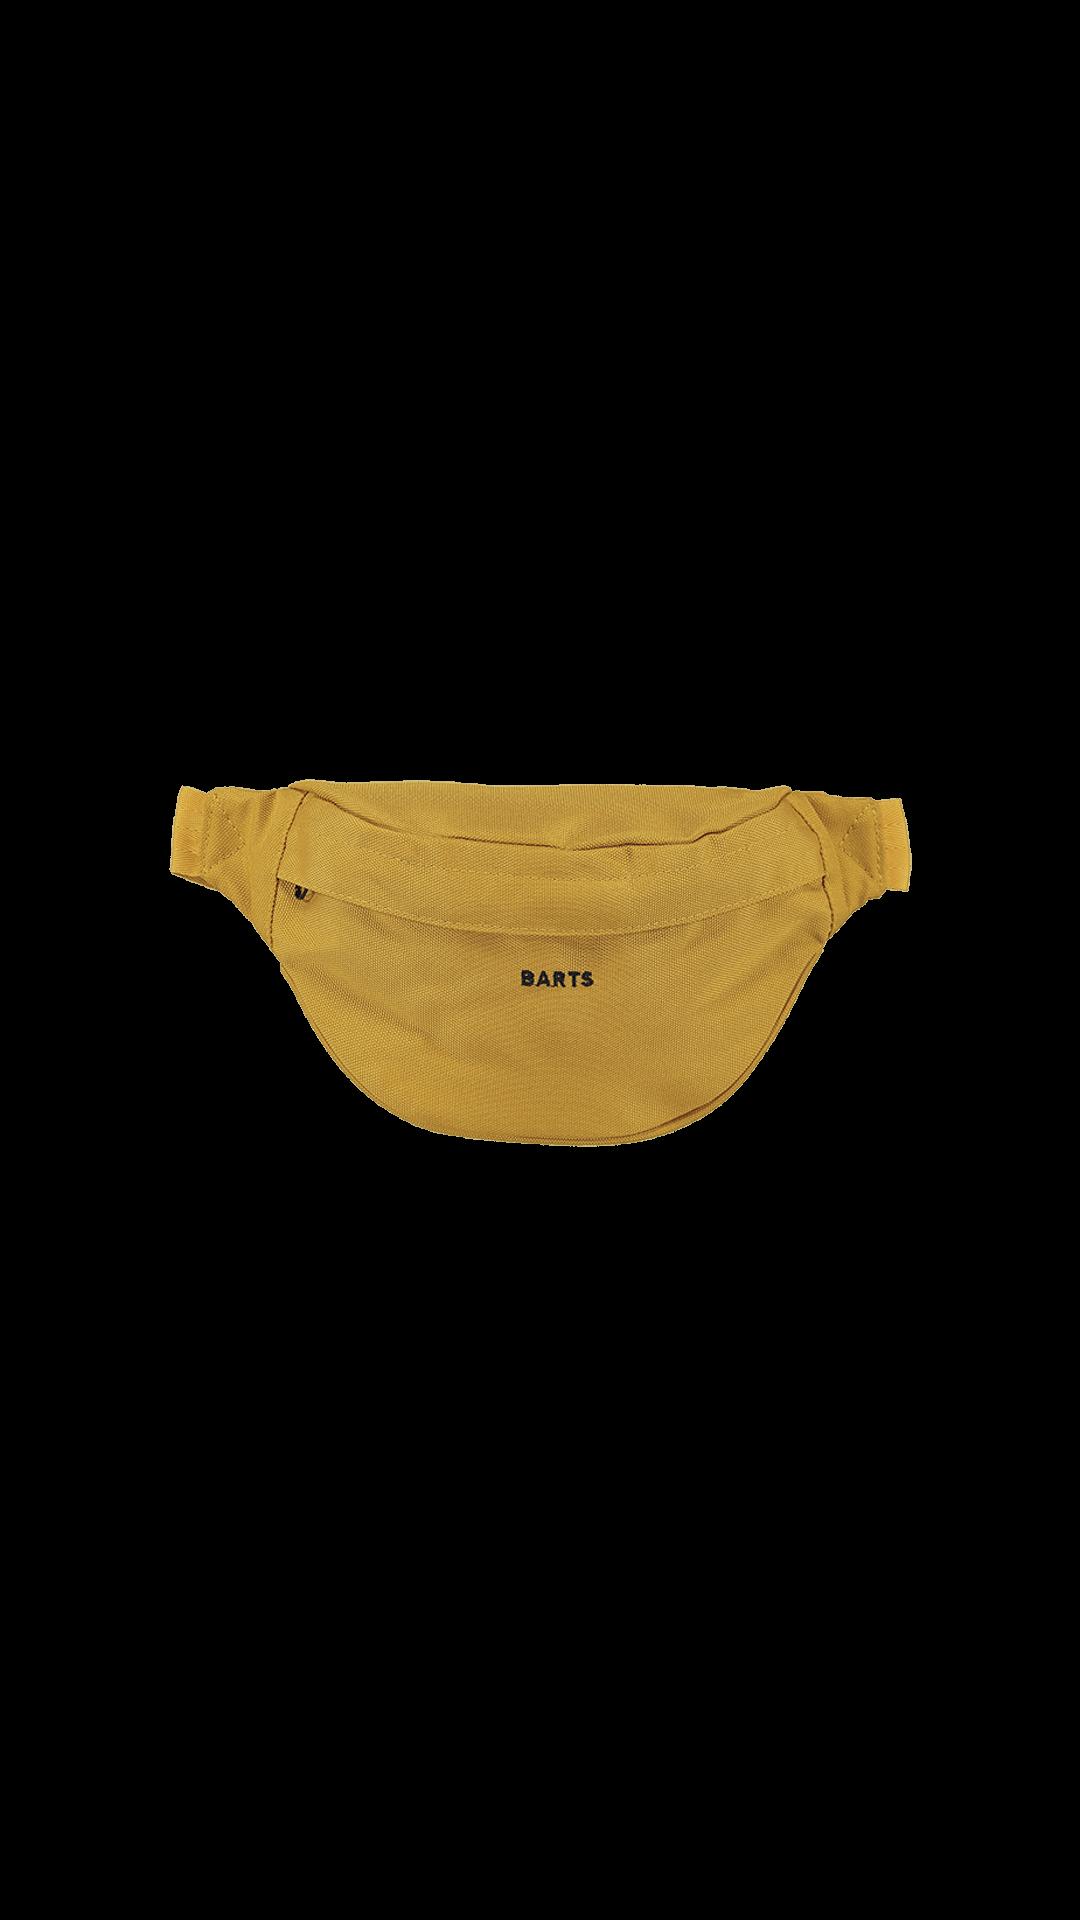 BARTS Bummy Bumbag-0